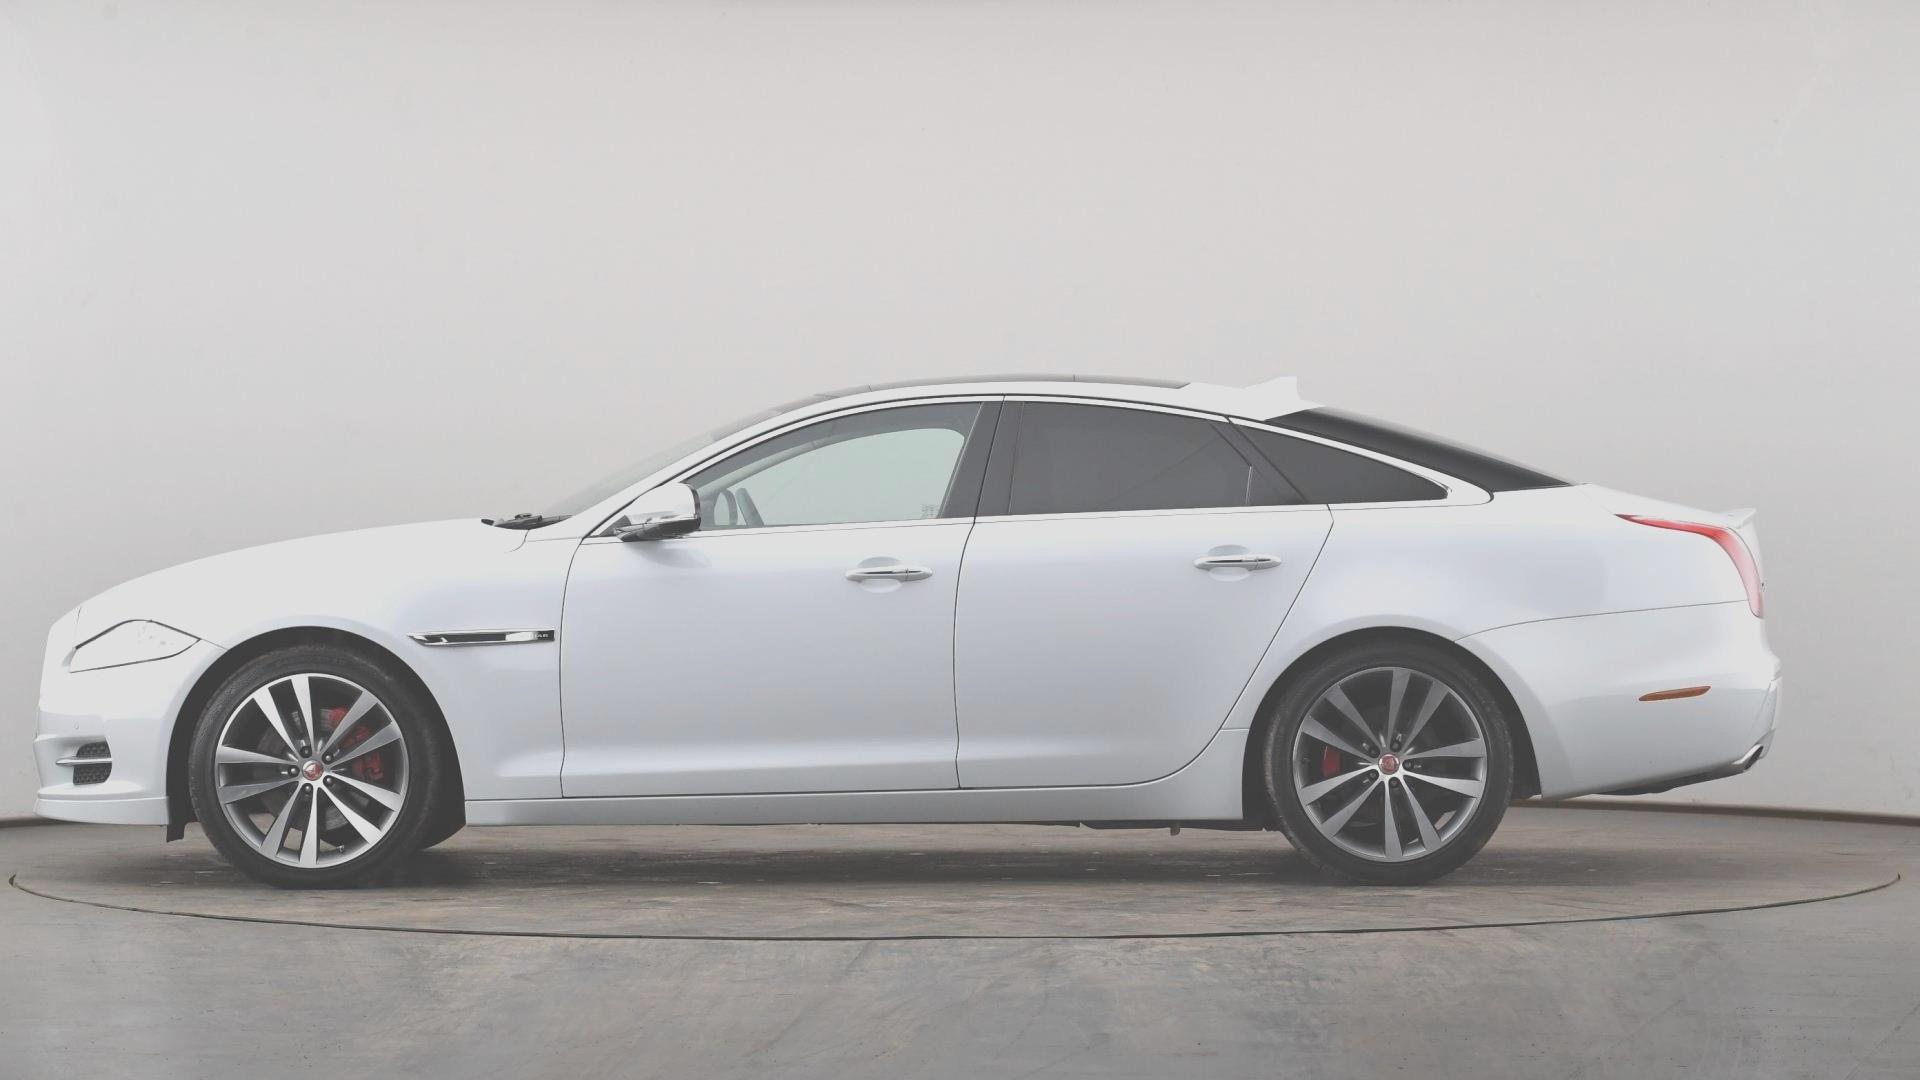 Lamborghini Zum Ausmalen Neu Bilder Zum Ausmalen Bekommen Autos Ausmalbilder Das Bild